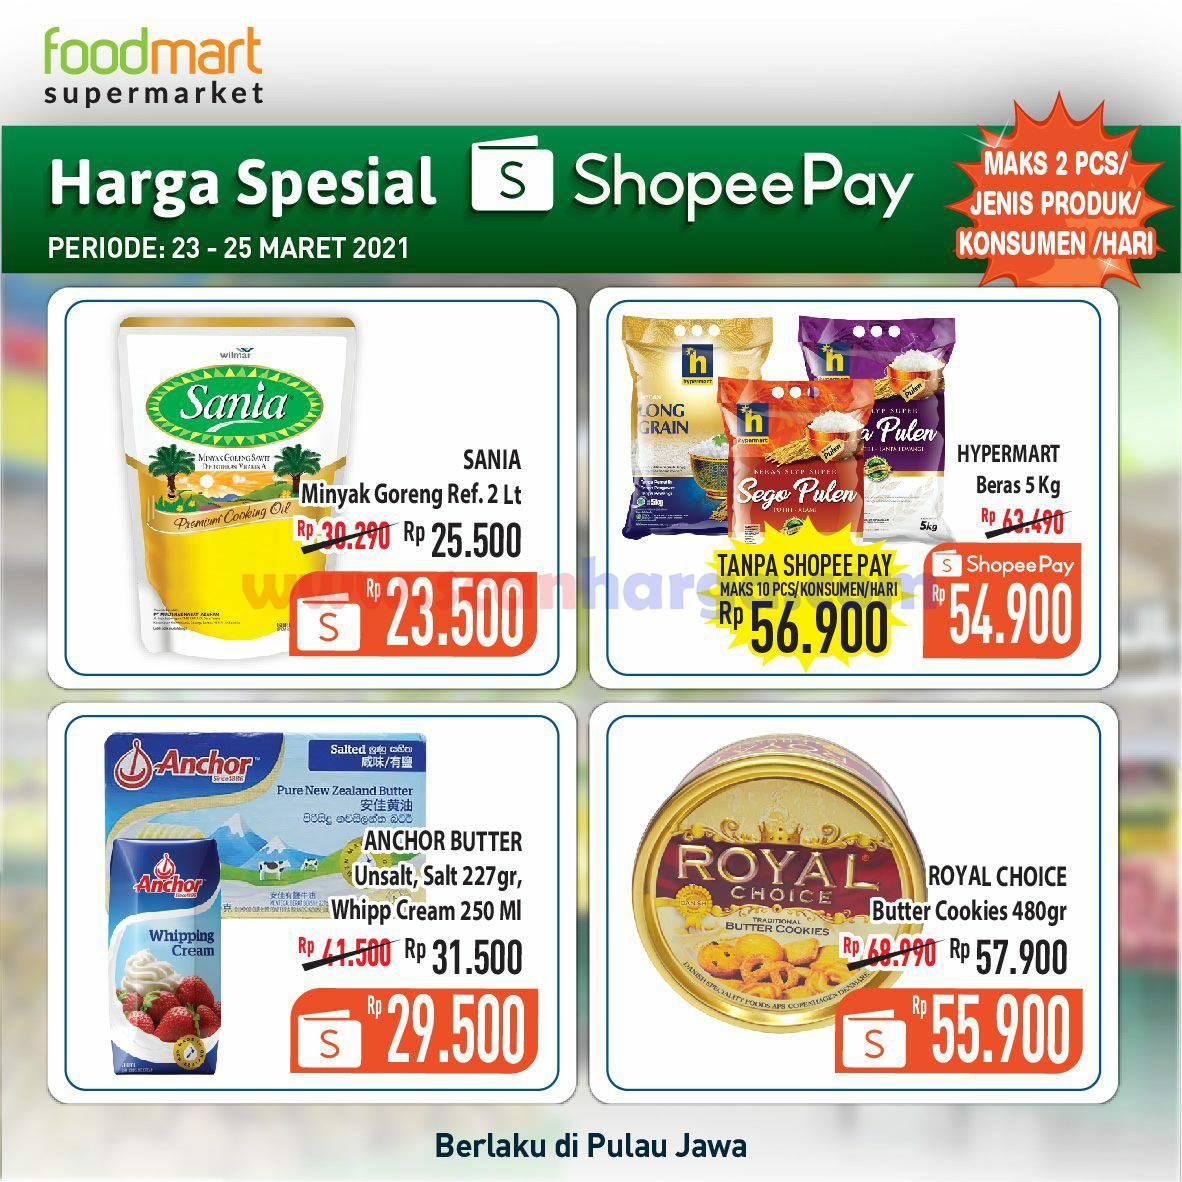 Promo FOODMART harga spesial Transaksi Pakai Shopeepay